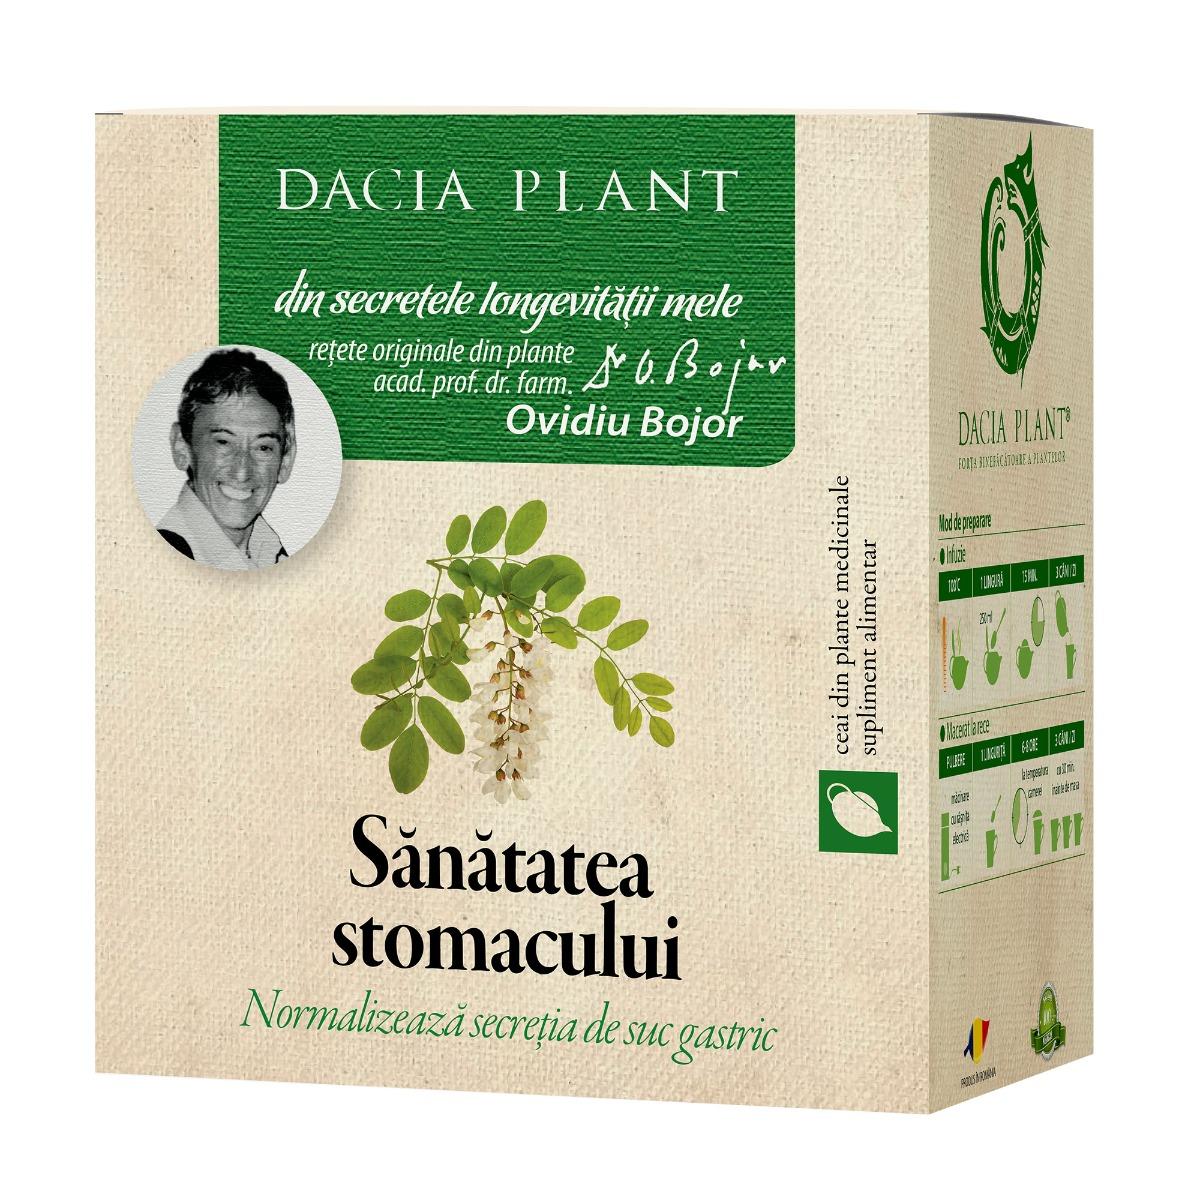 Ceai sanatatea stomacului, 50g, Dacia Plant drmax.ro